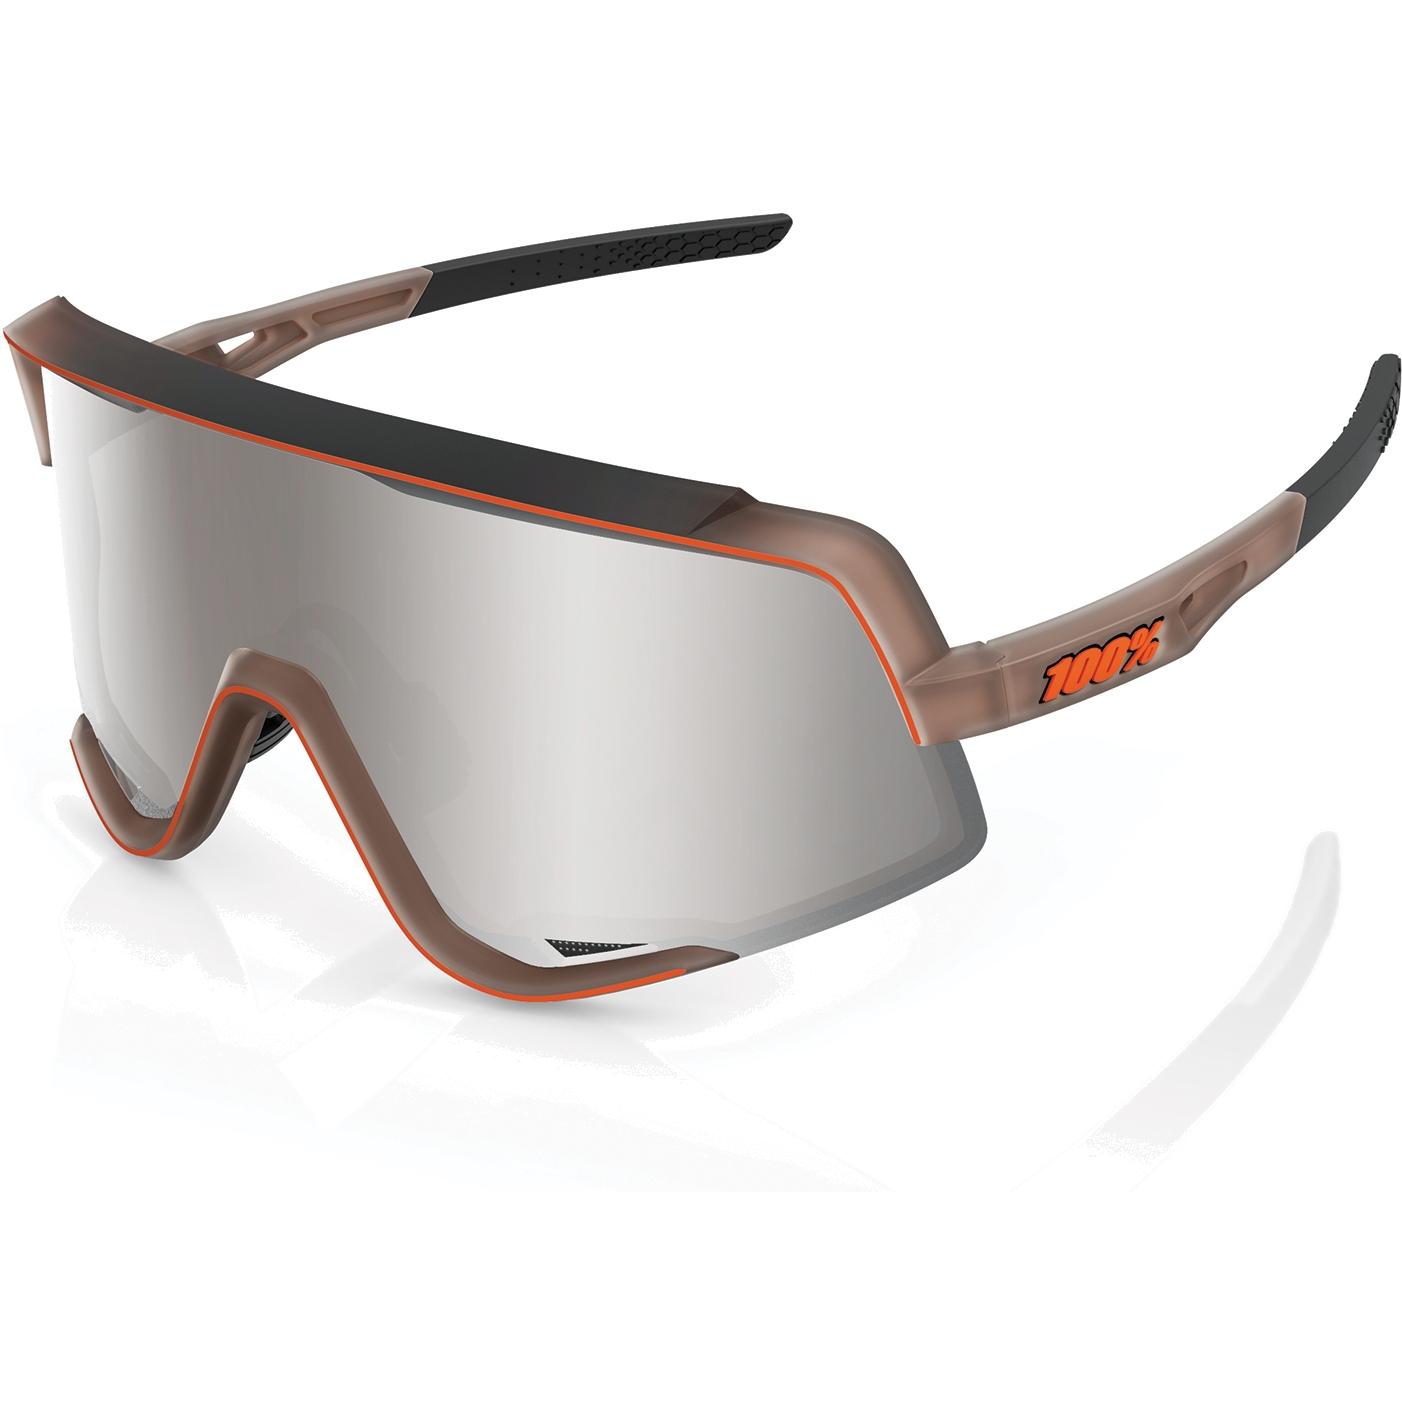 100% Glendale - Hiper Multilayer Mirror Lens Gafas - Matte Translucent Brown Fade